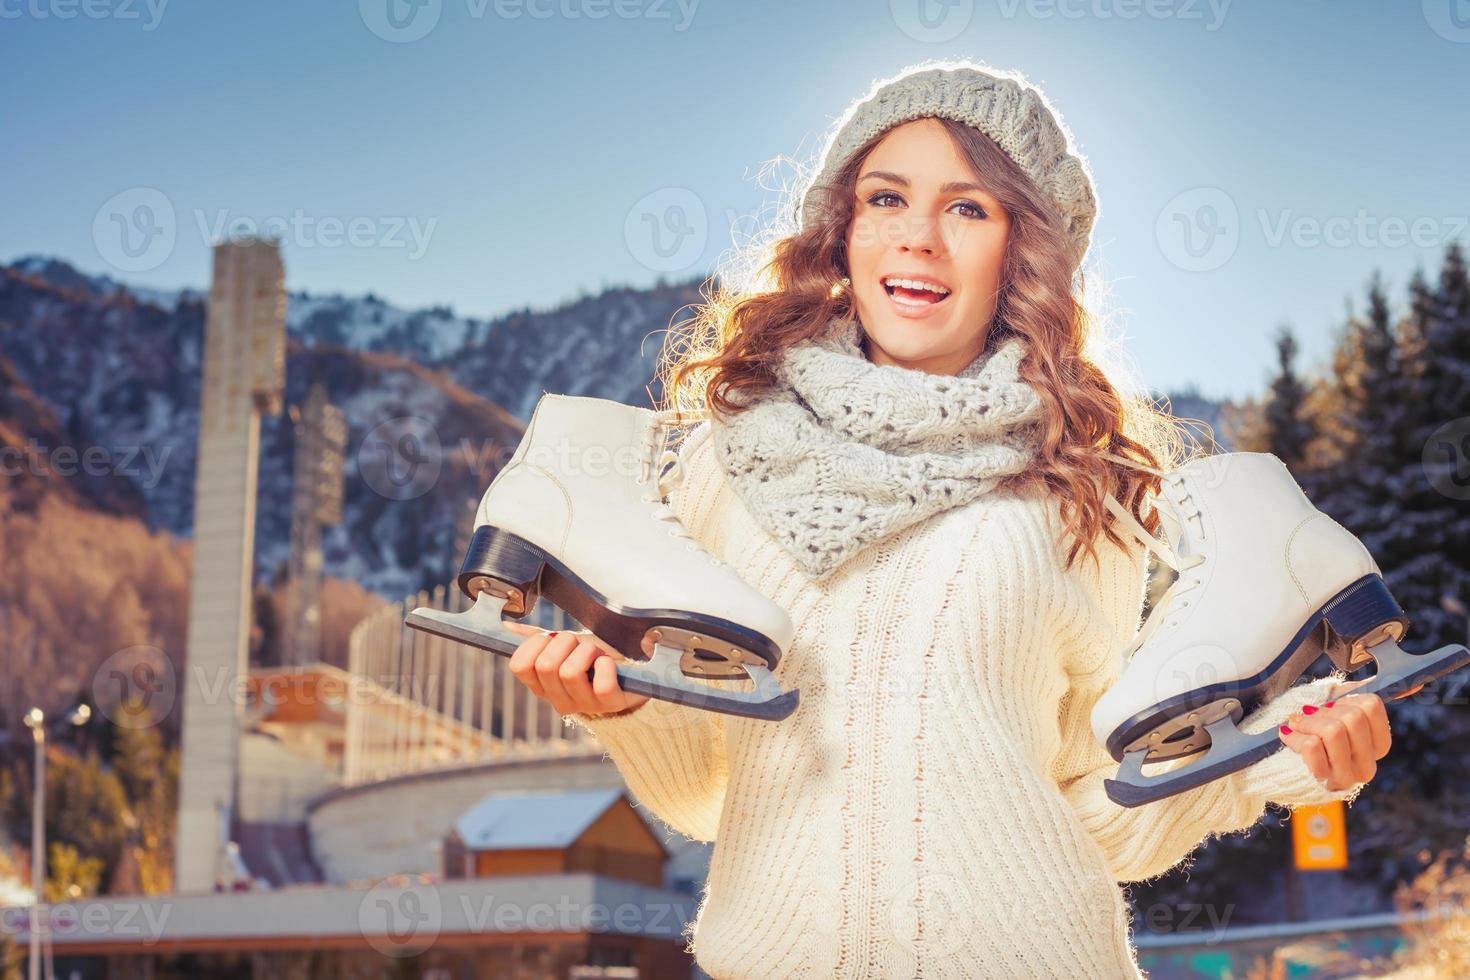 felice adolescente caucasico andando a pattinare sul ghiaccio all'aperto foto